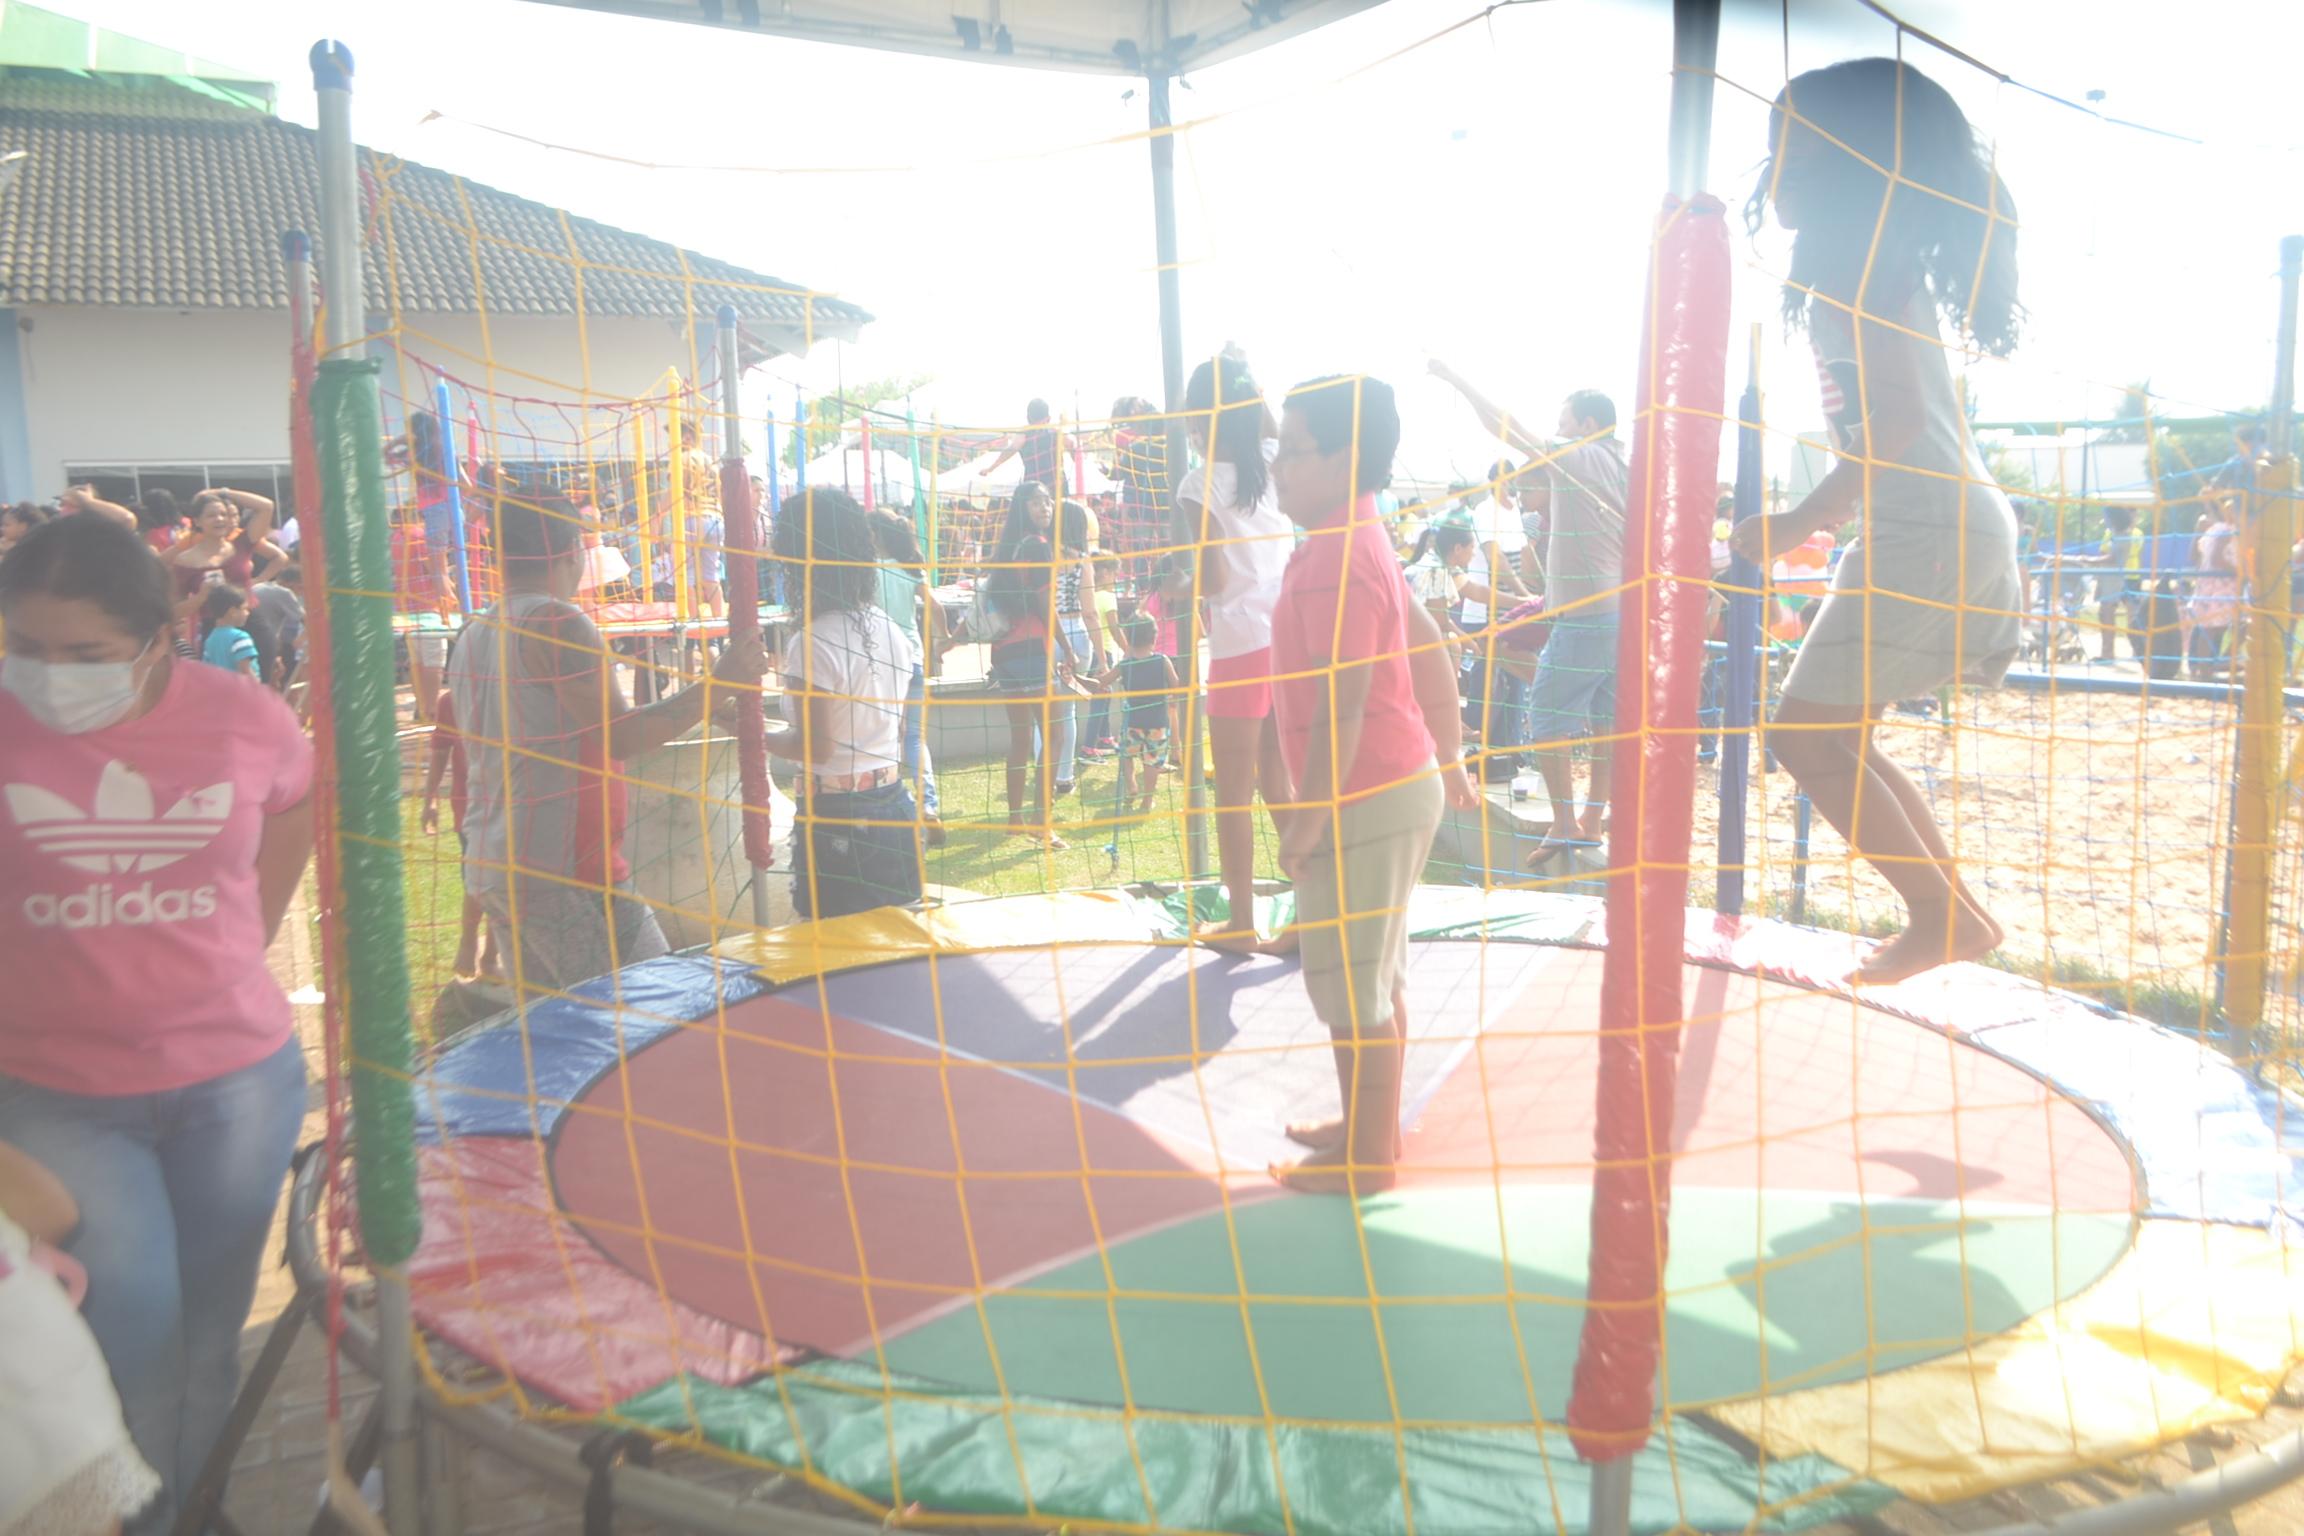 Crianças são vistas brincando no pula-pula - Foto: Edsom Gilmar